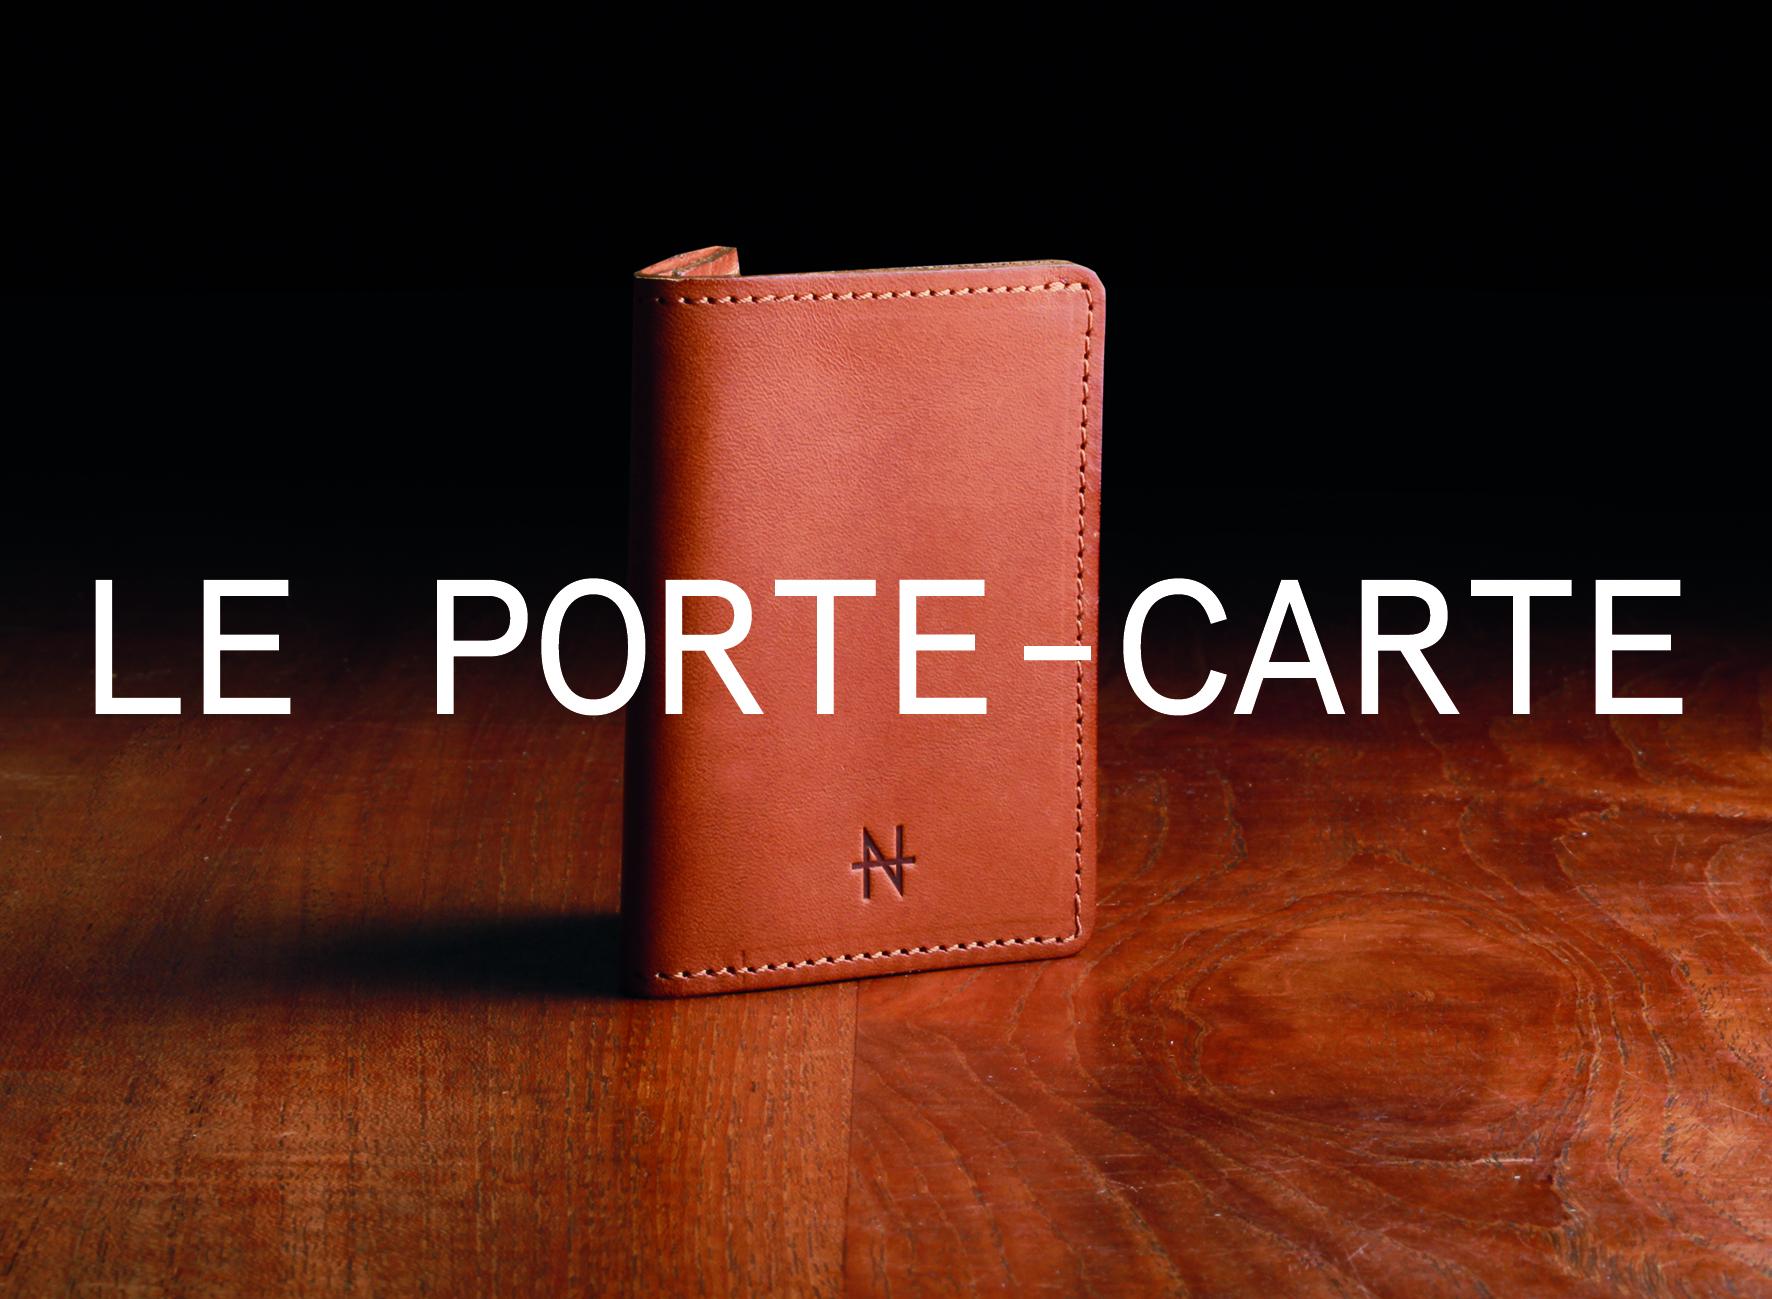 PORTE-CARTE-1413654119.jpg